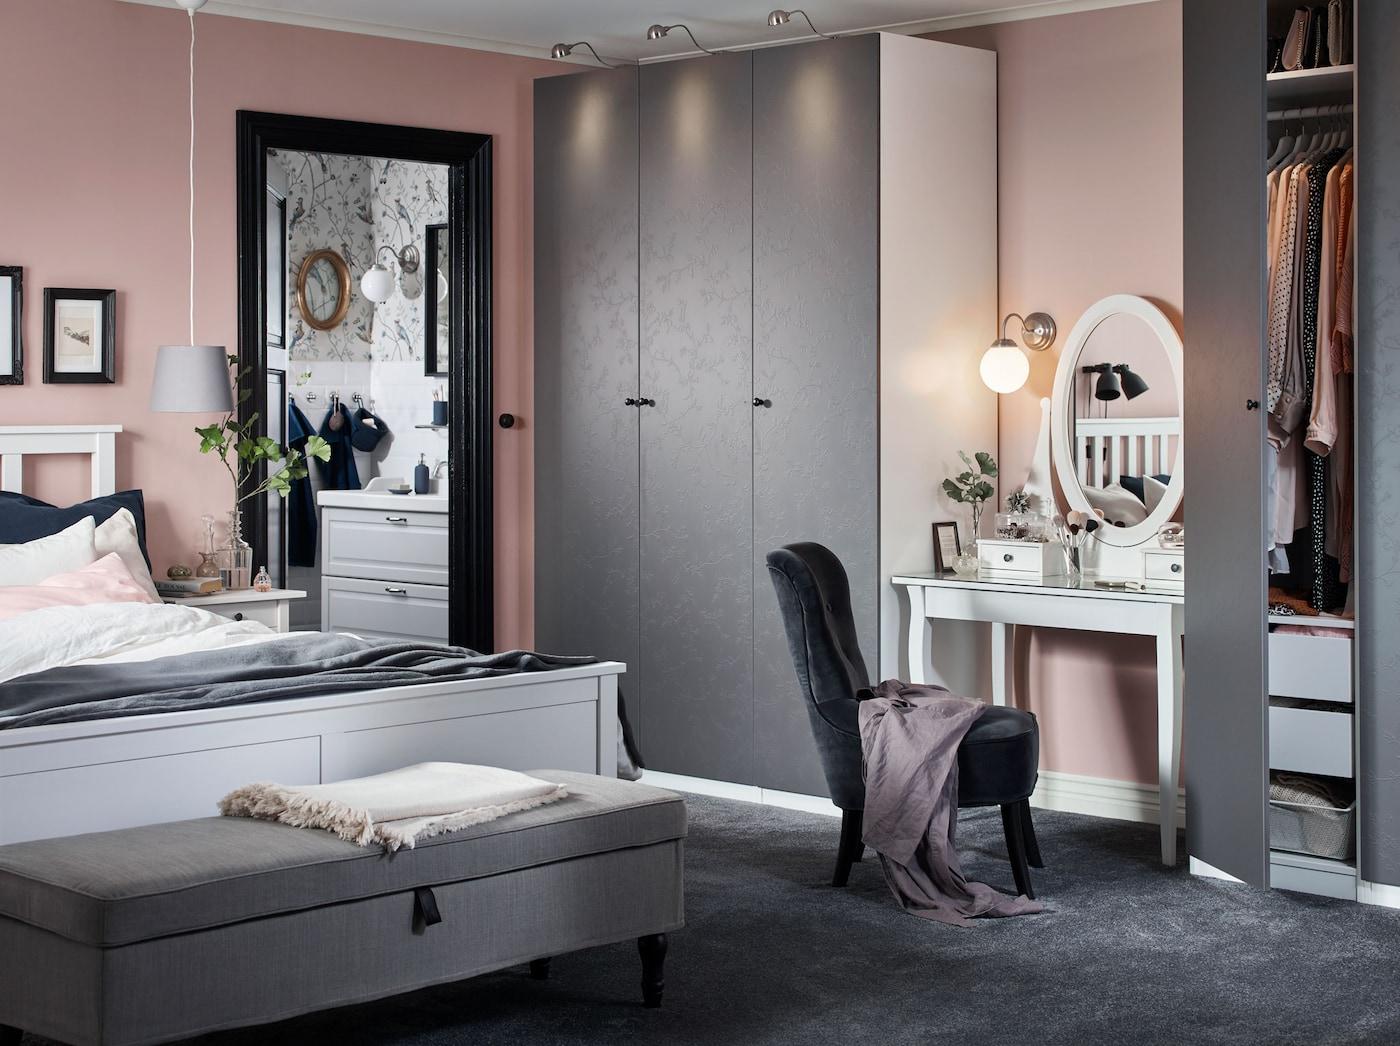 Schlafzimmer in rosa & grau dekorieren - IKEA Deutschland